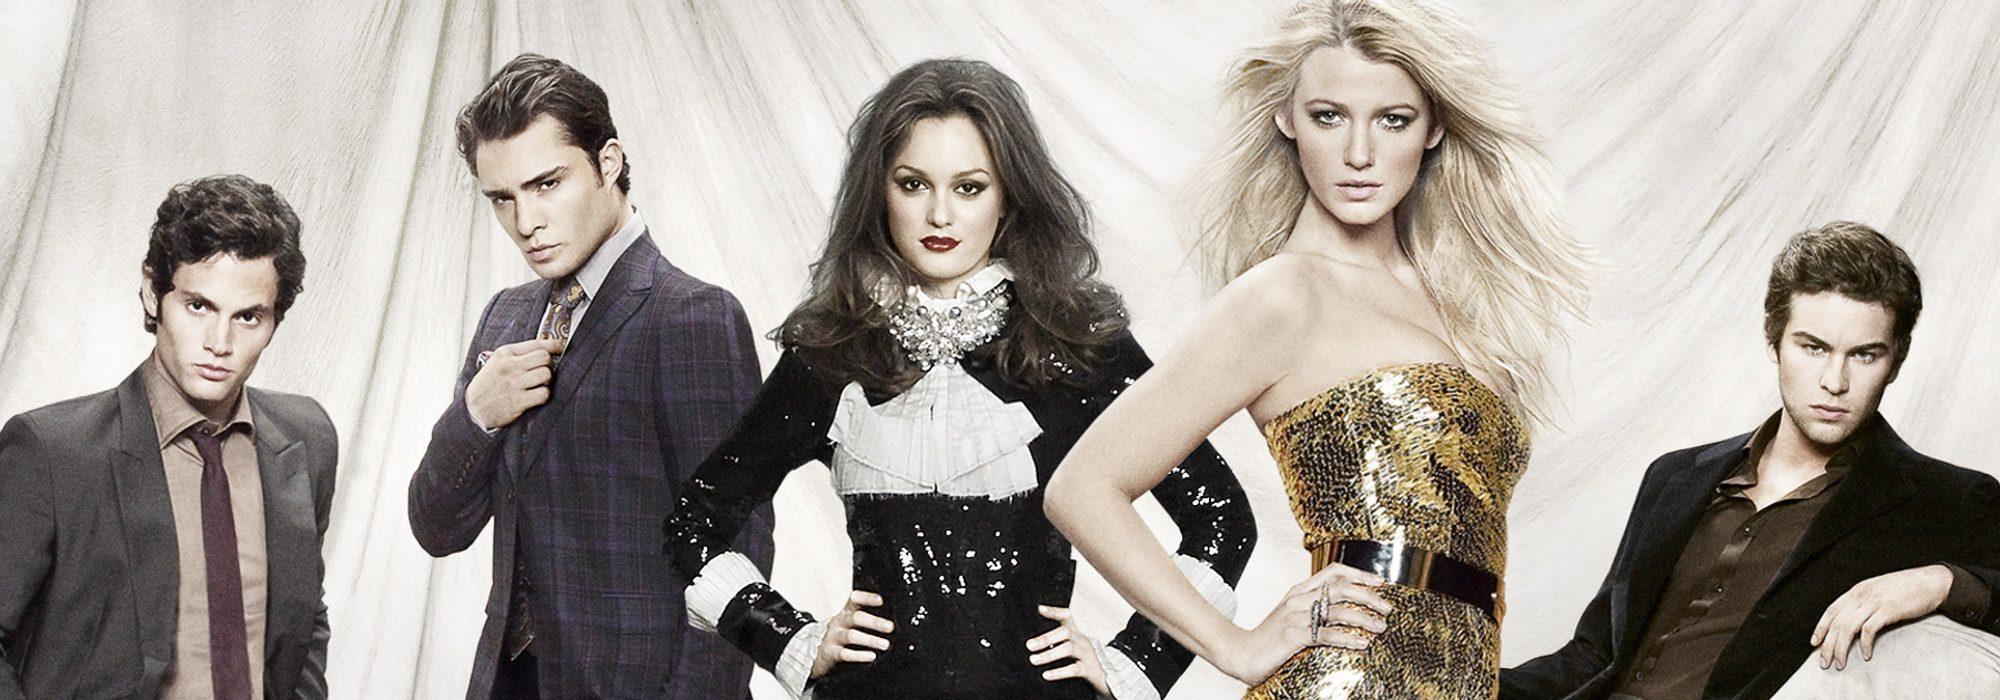 Qué fue de los protagonistas de \'Gossip Girl\'?